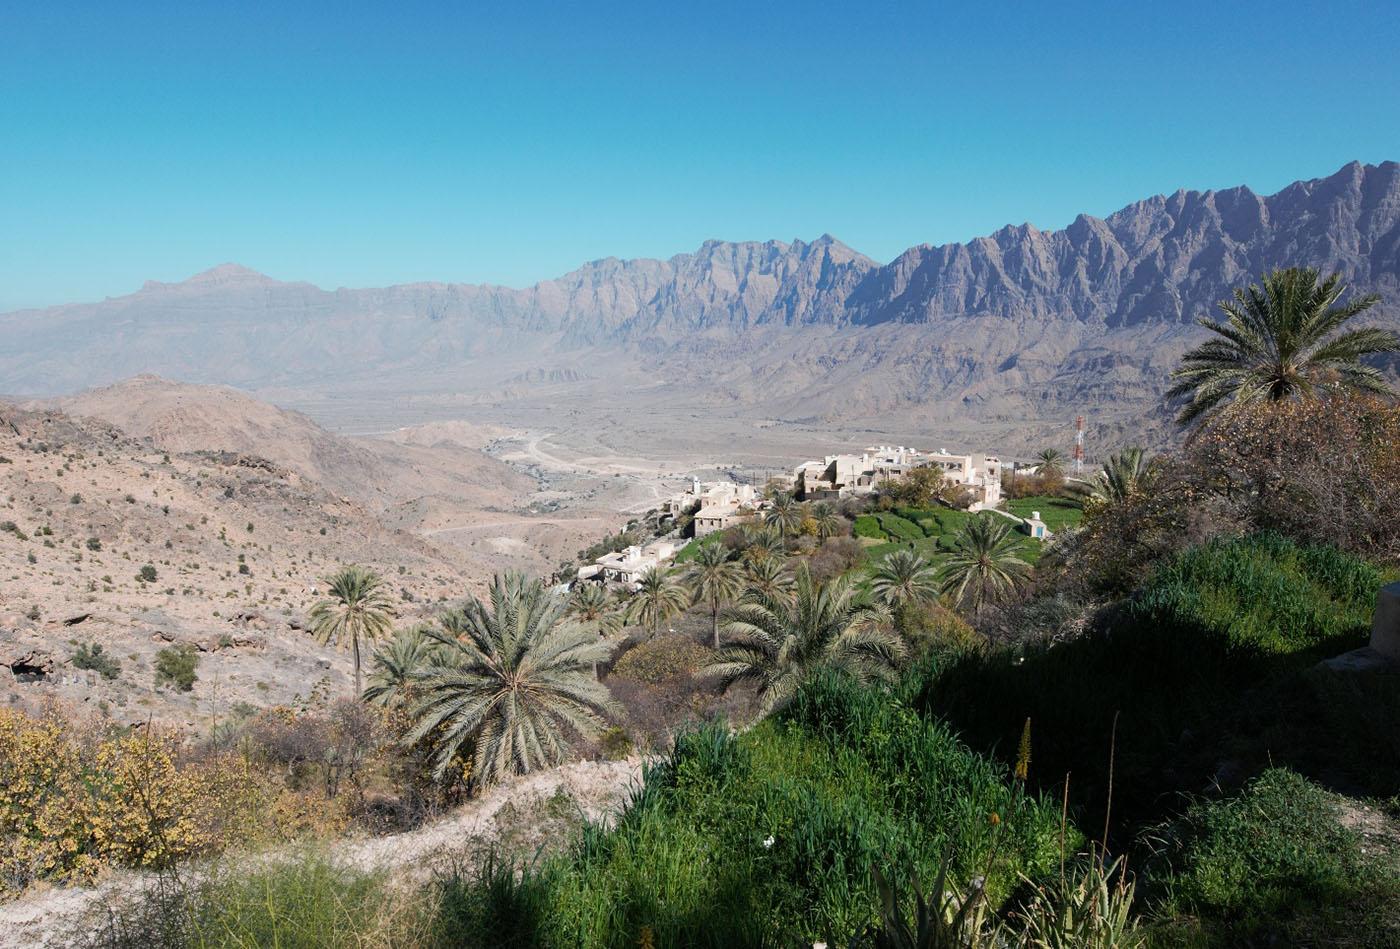 Фотография 10. Оман. Горный оазис. 200, F7,1; 1/800 s, экспокоррекция: +0,2.